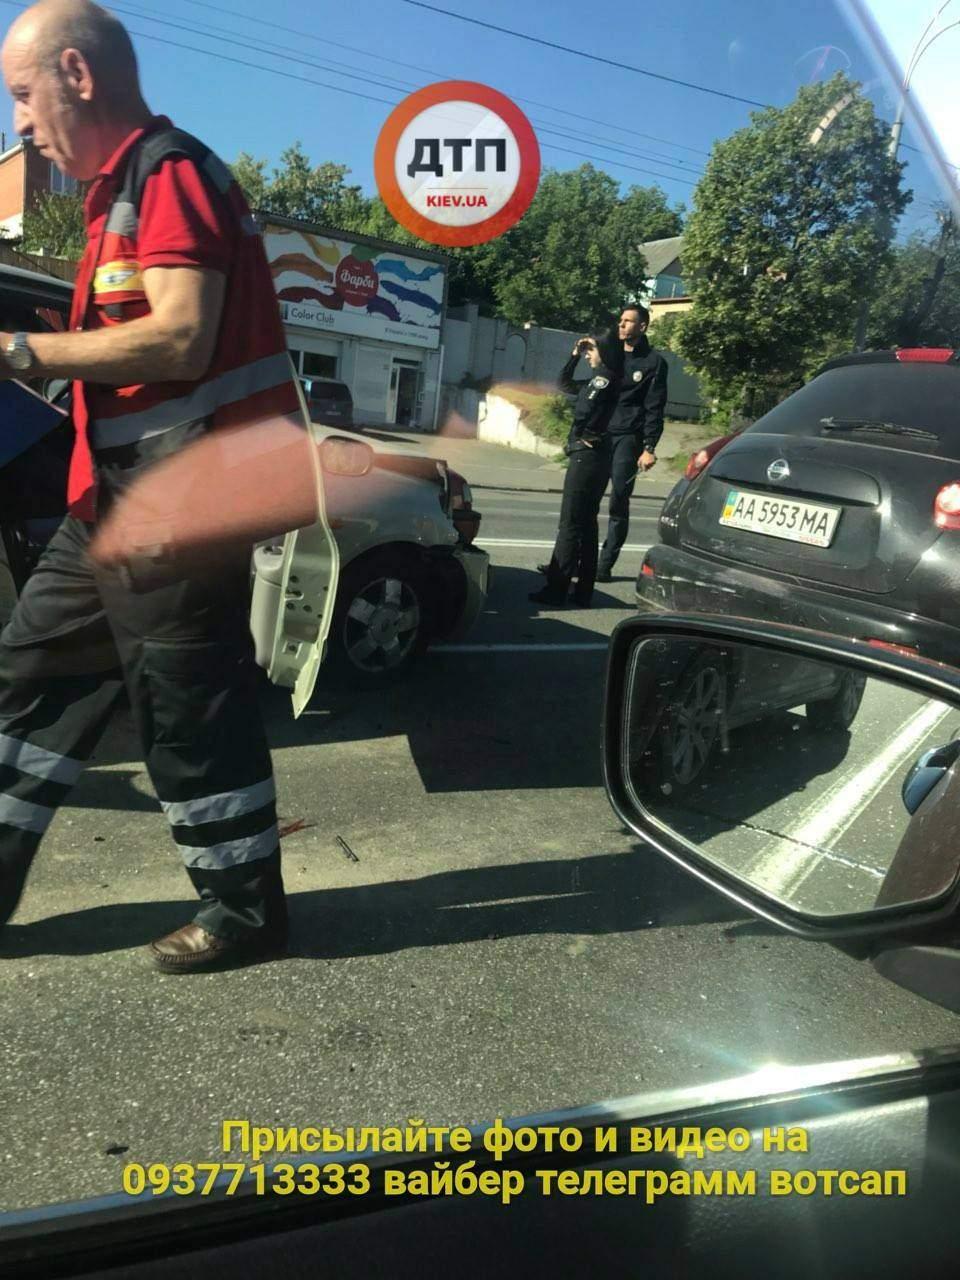 В столице столкнулись три автомобиля: есть пострадавшие (фото)